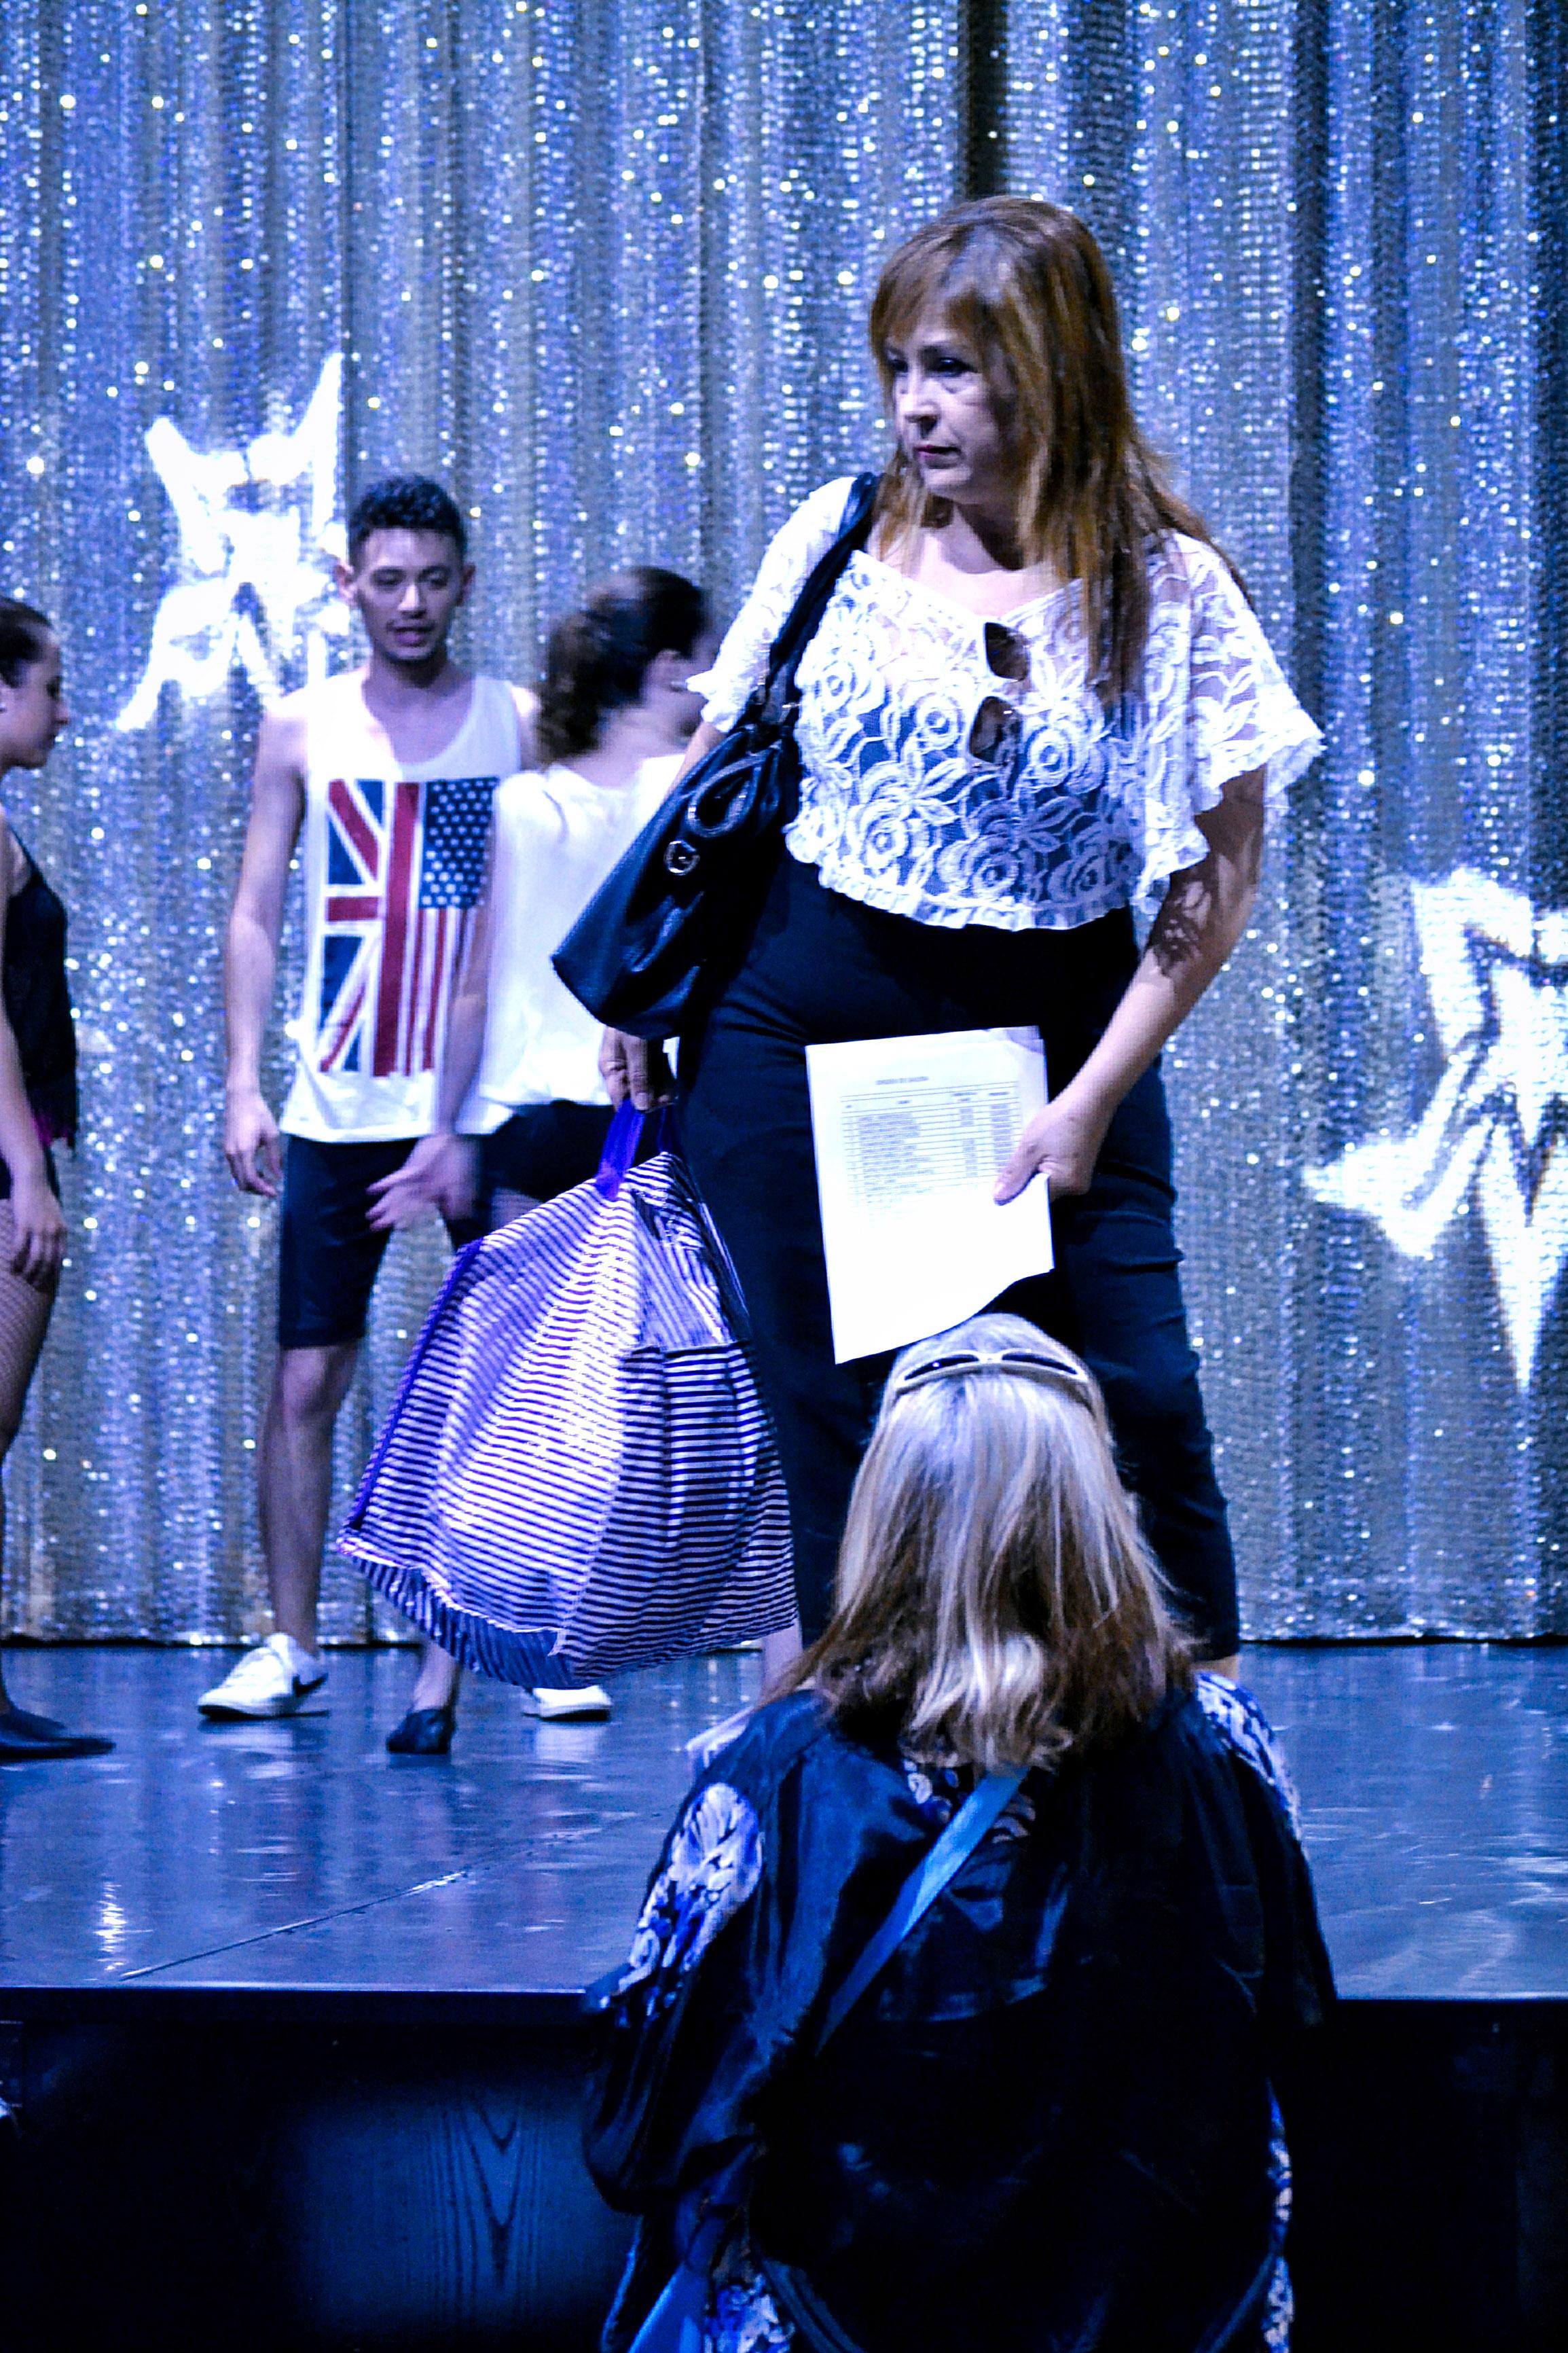 Linea-de-Baile-festival-verano-2015-clases-de-baile-valencia-133